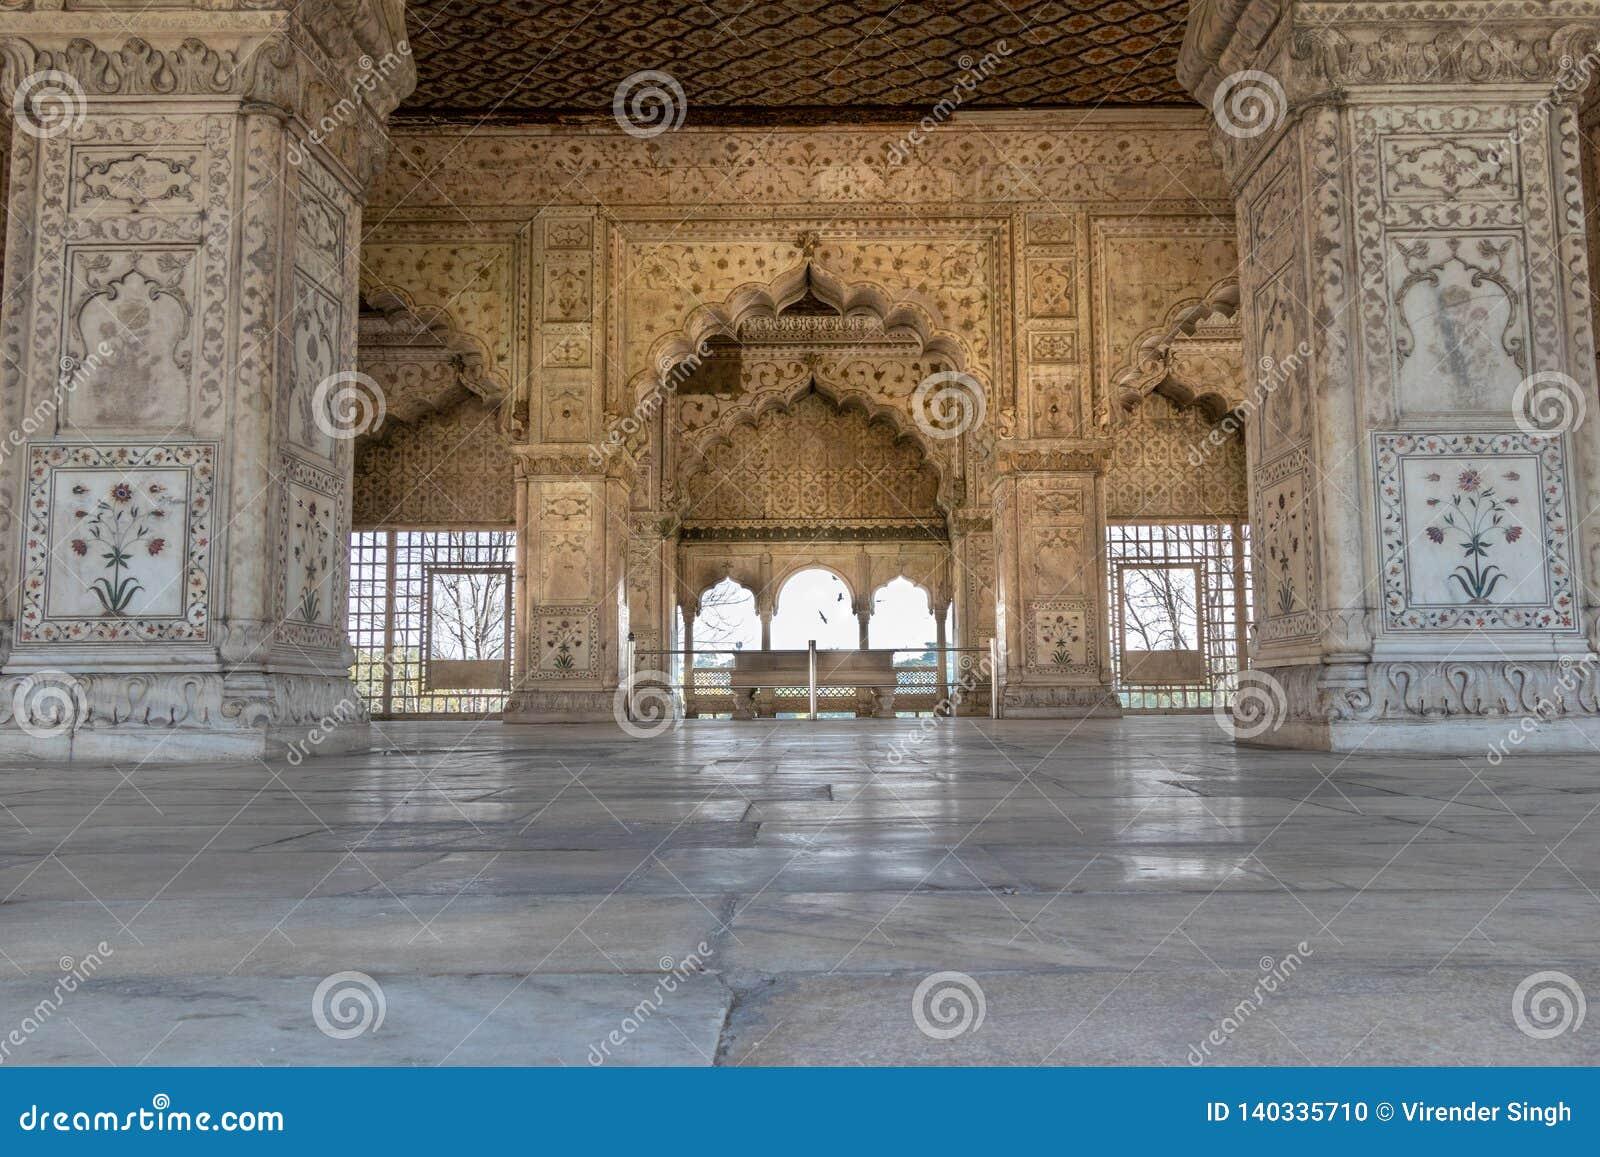 Детали сложного резного изображения вокруг звенели Mahal внутри красного форта в Дели, Индии